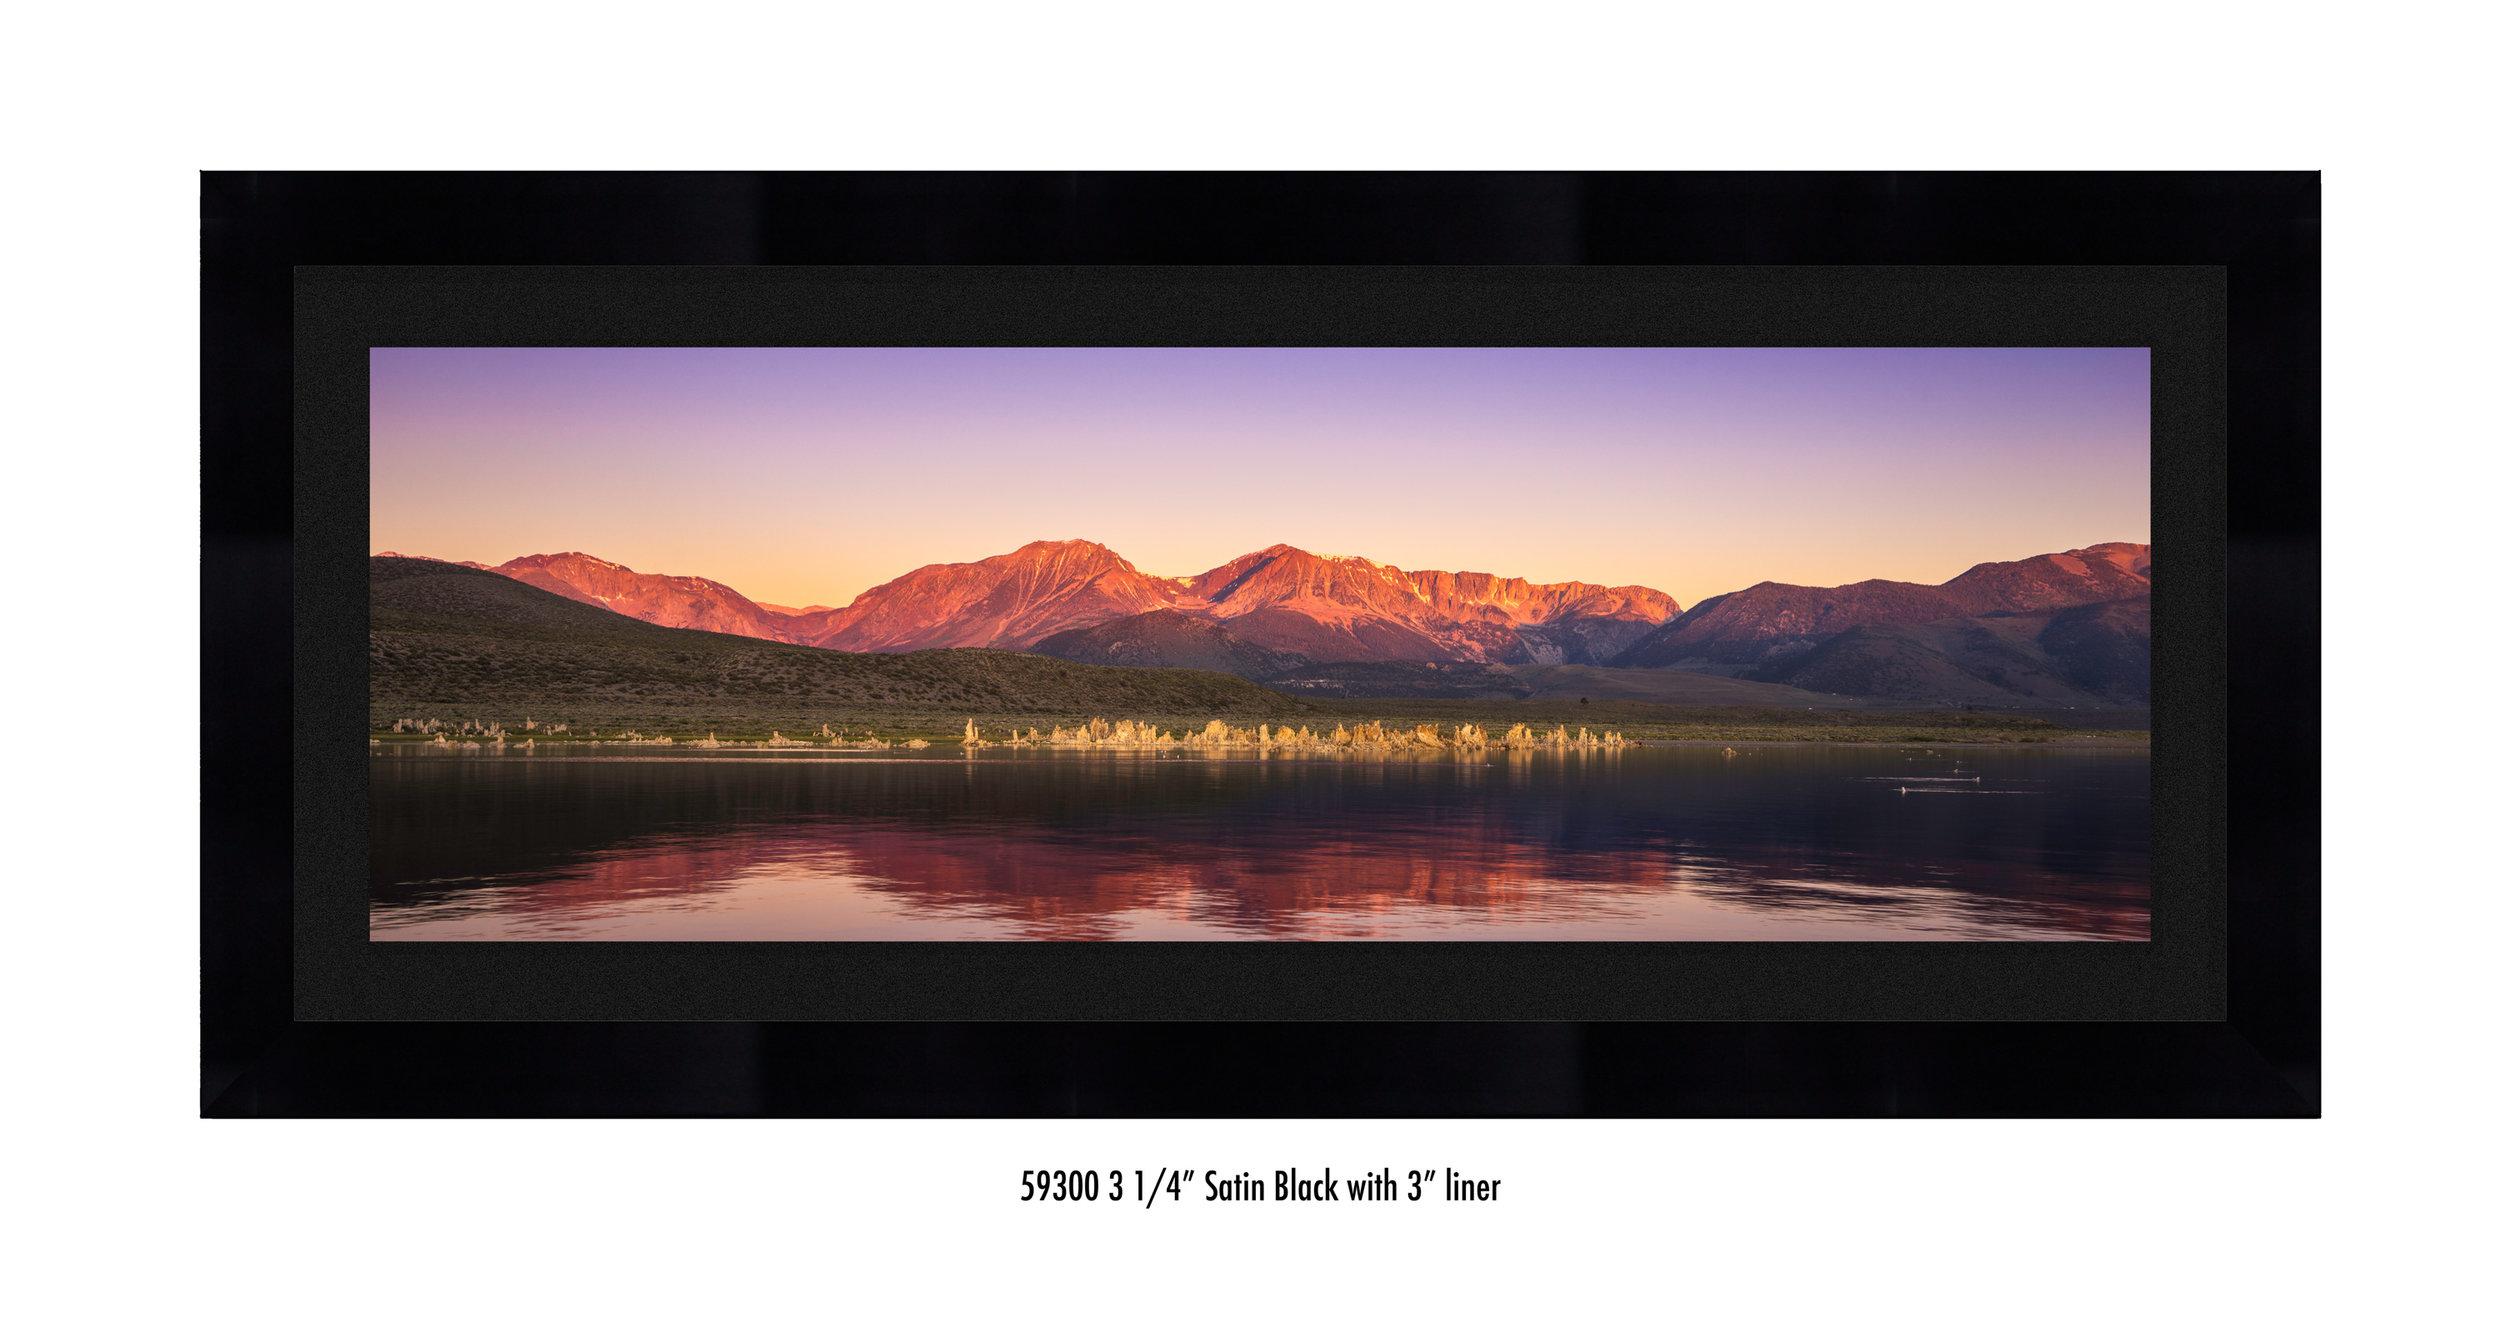 Royal-Skies-59300-blk.jpg